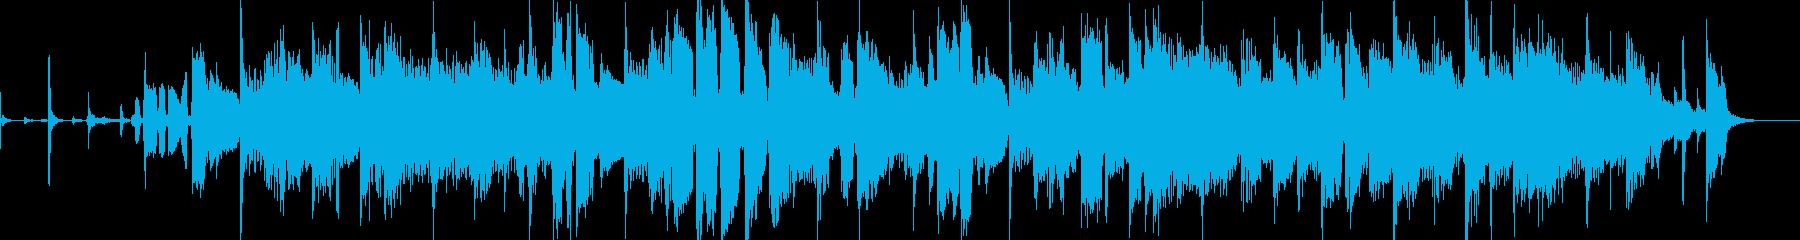 女性ボーカルの落ち着いた切ない秋ポップスの再生済みの波形